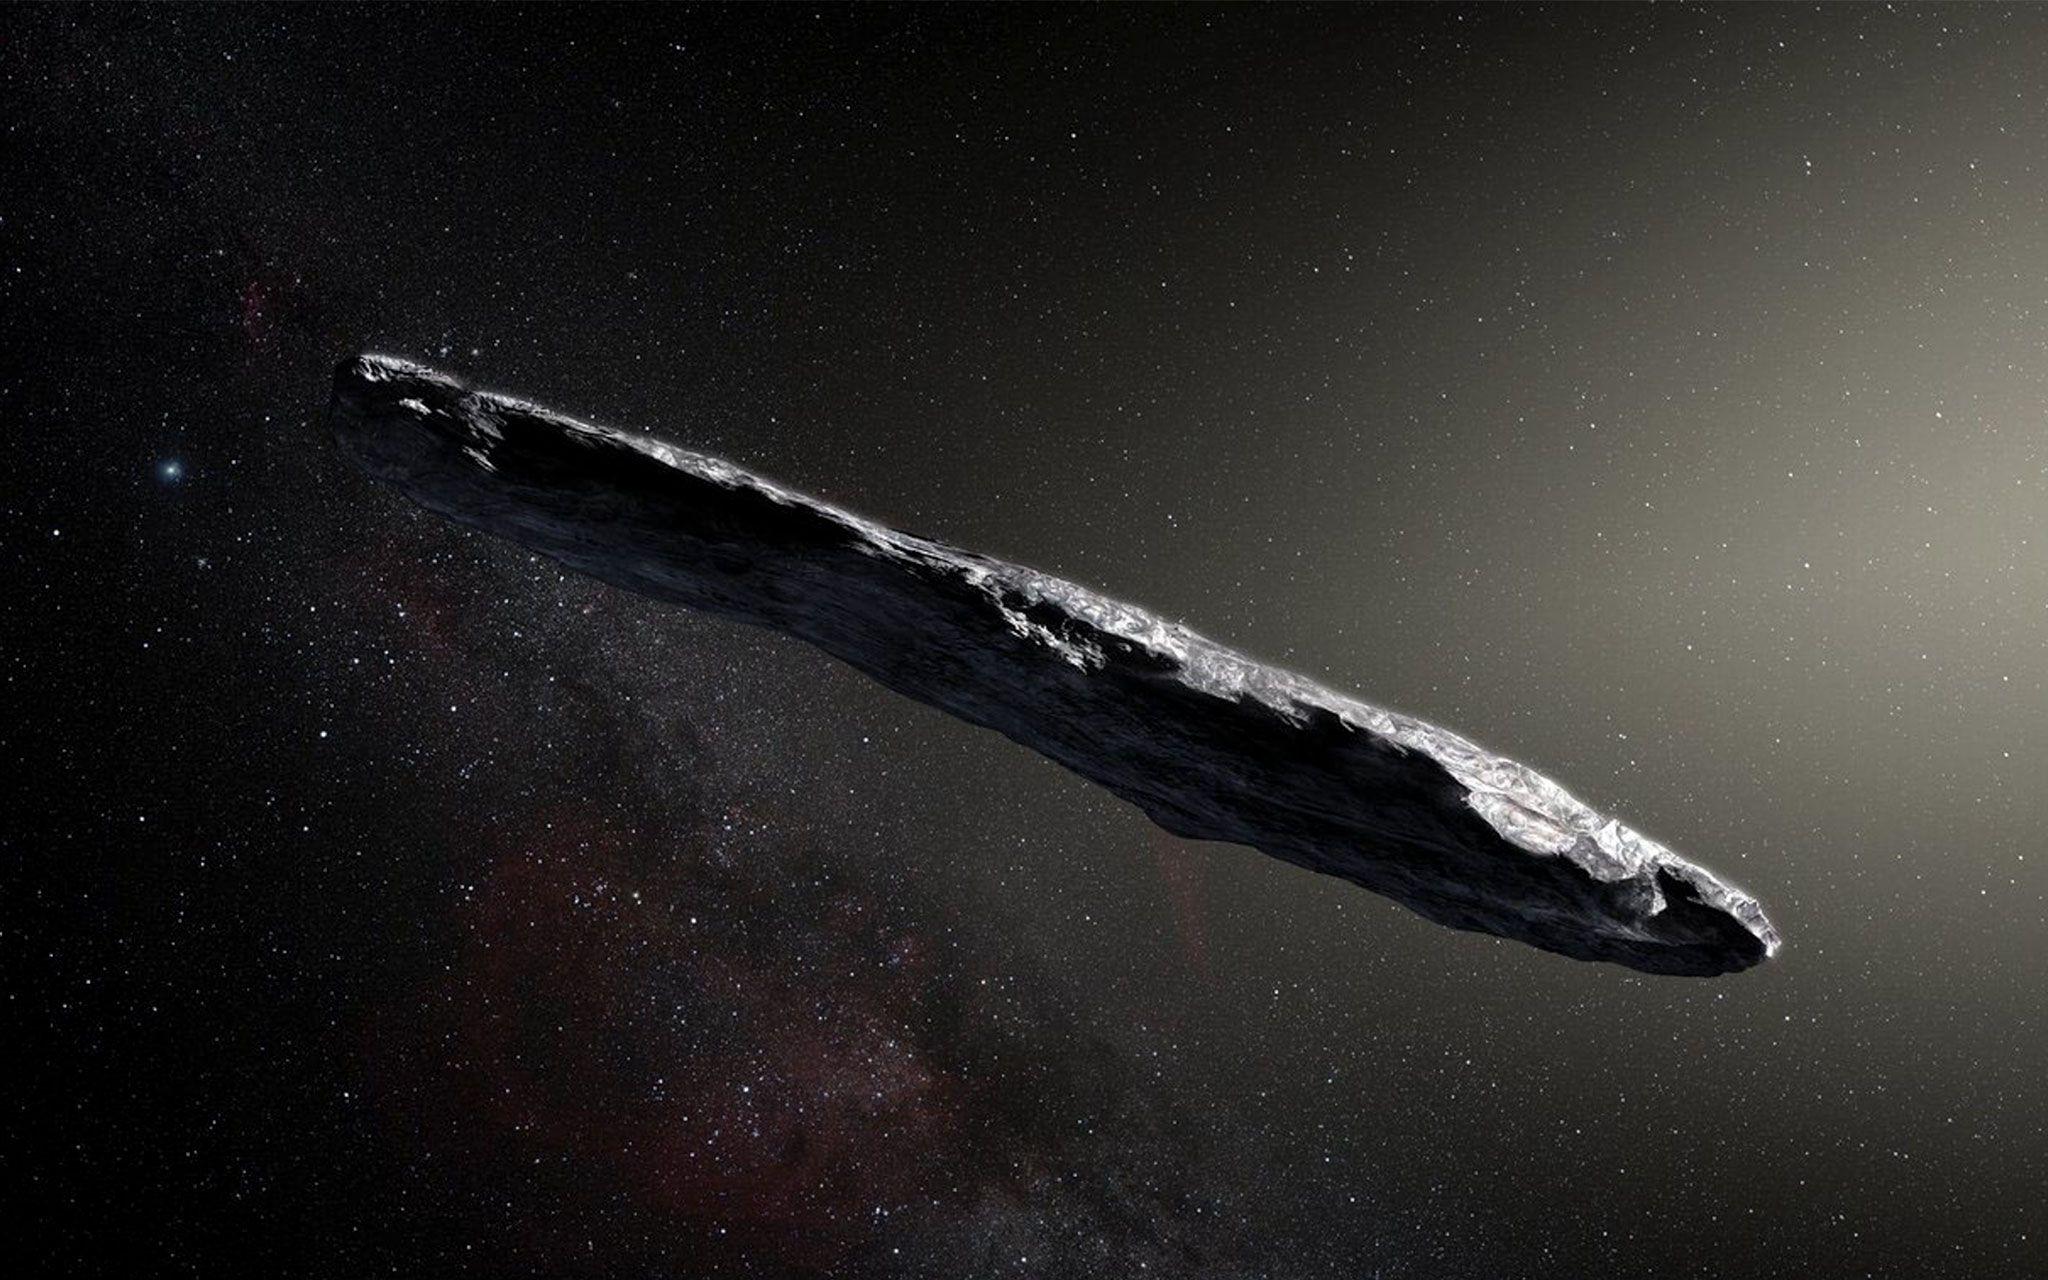 L'astéroïde 'Oumuamua a laissé de précieuses informations avant de disparaître